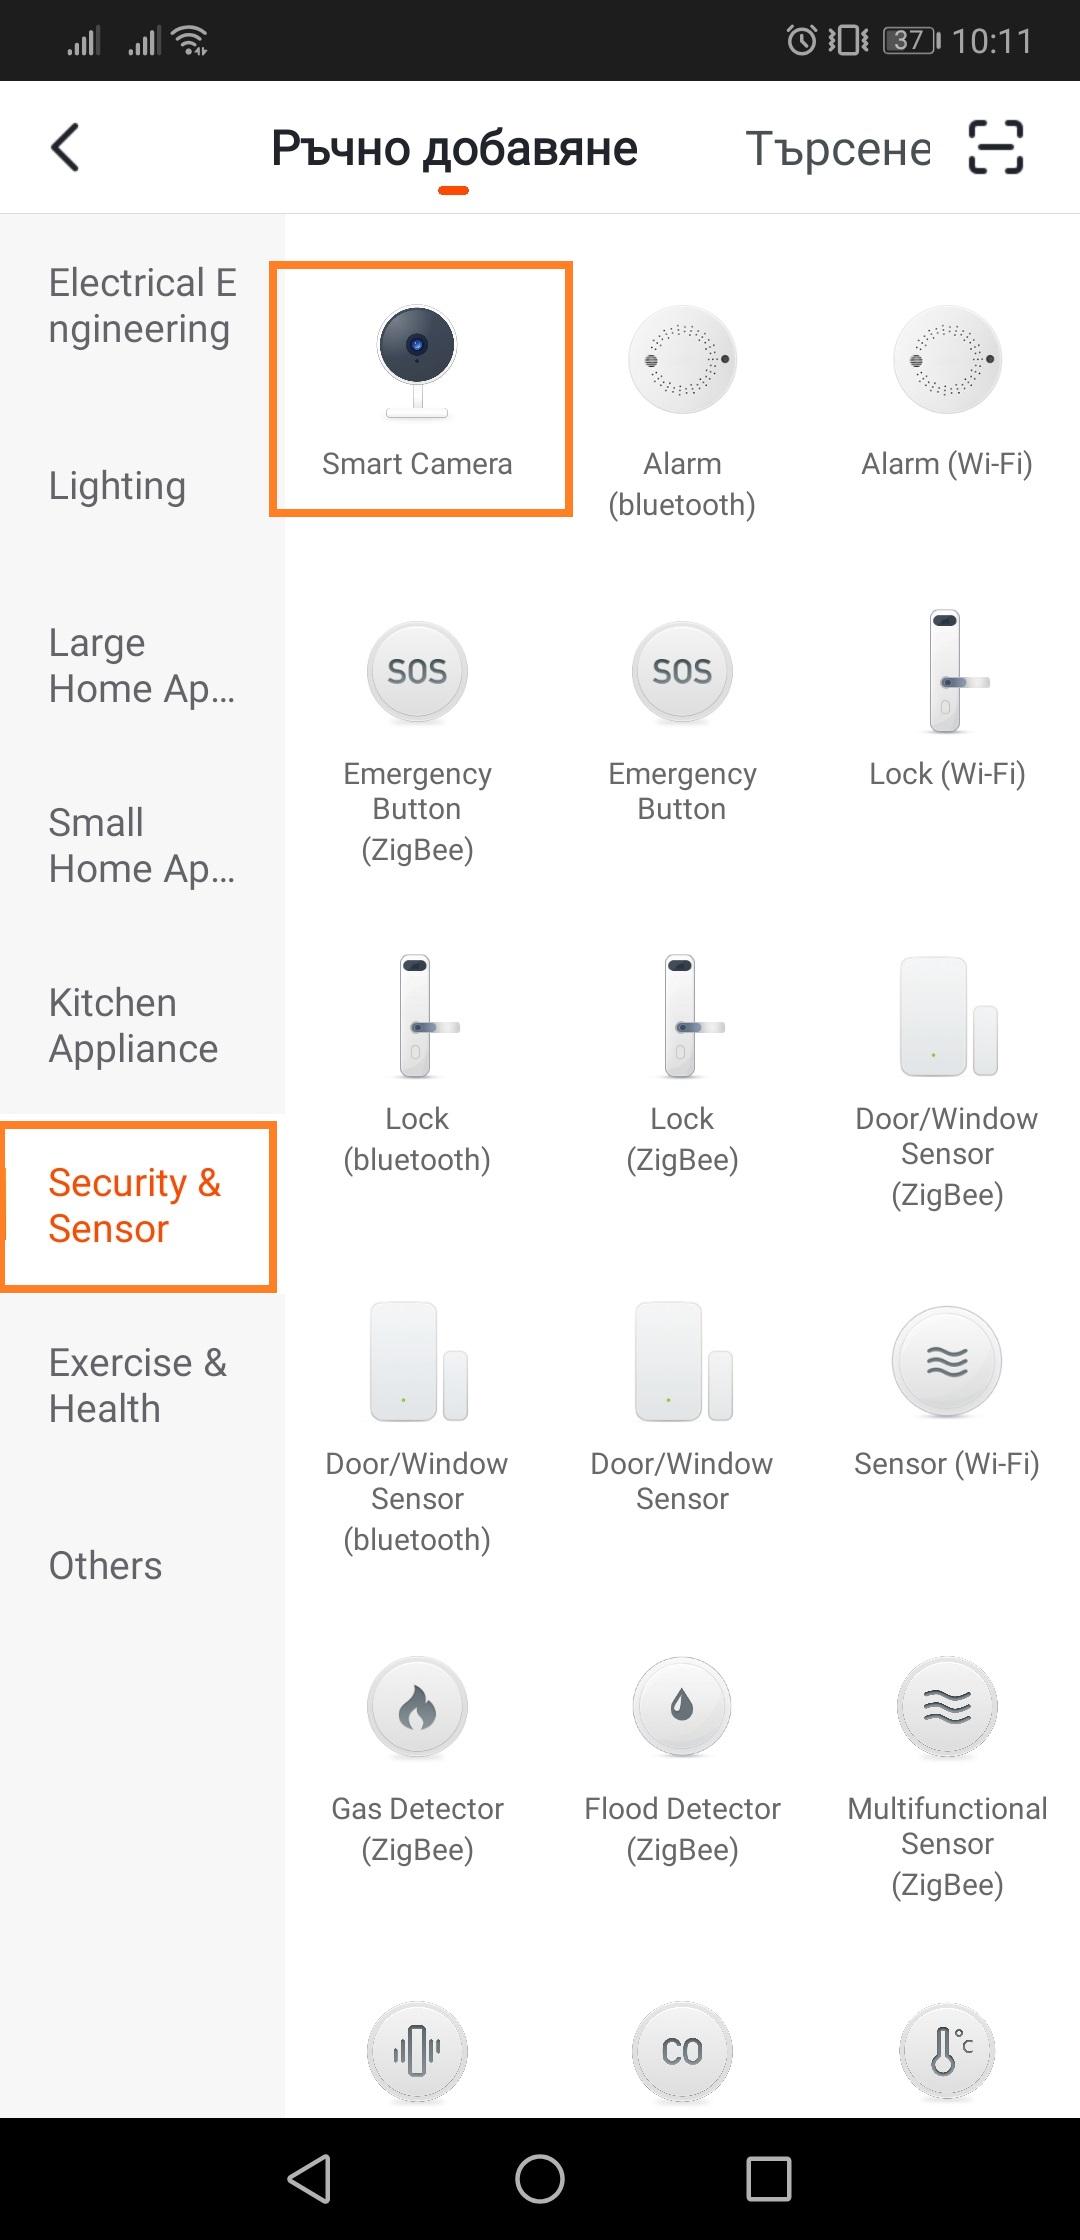 Инсталиране и настройка на Tuya Smart, добавяне на IP камерa